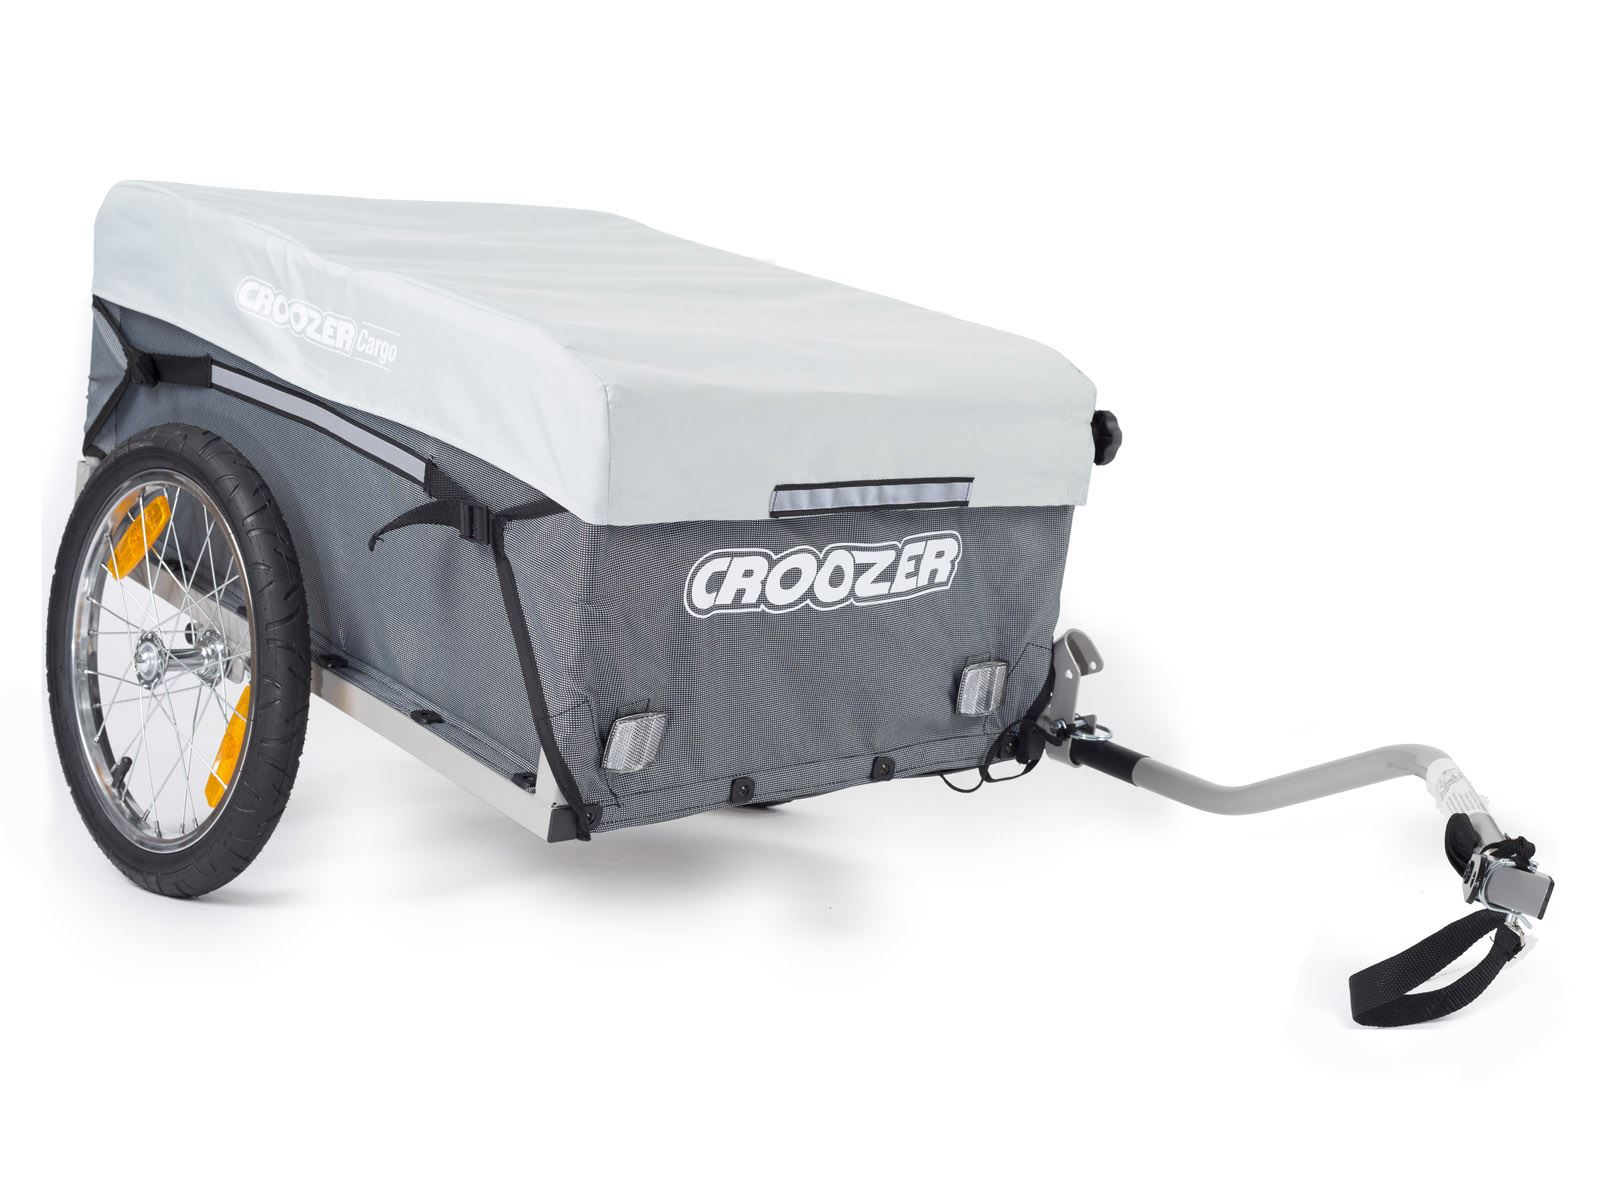 Bike cargo trailer - Croozer Travel